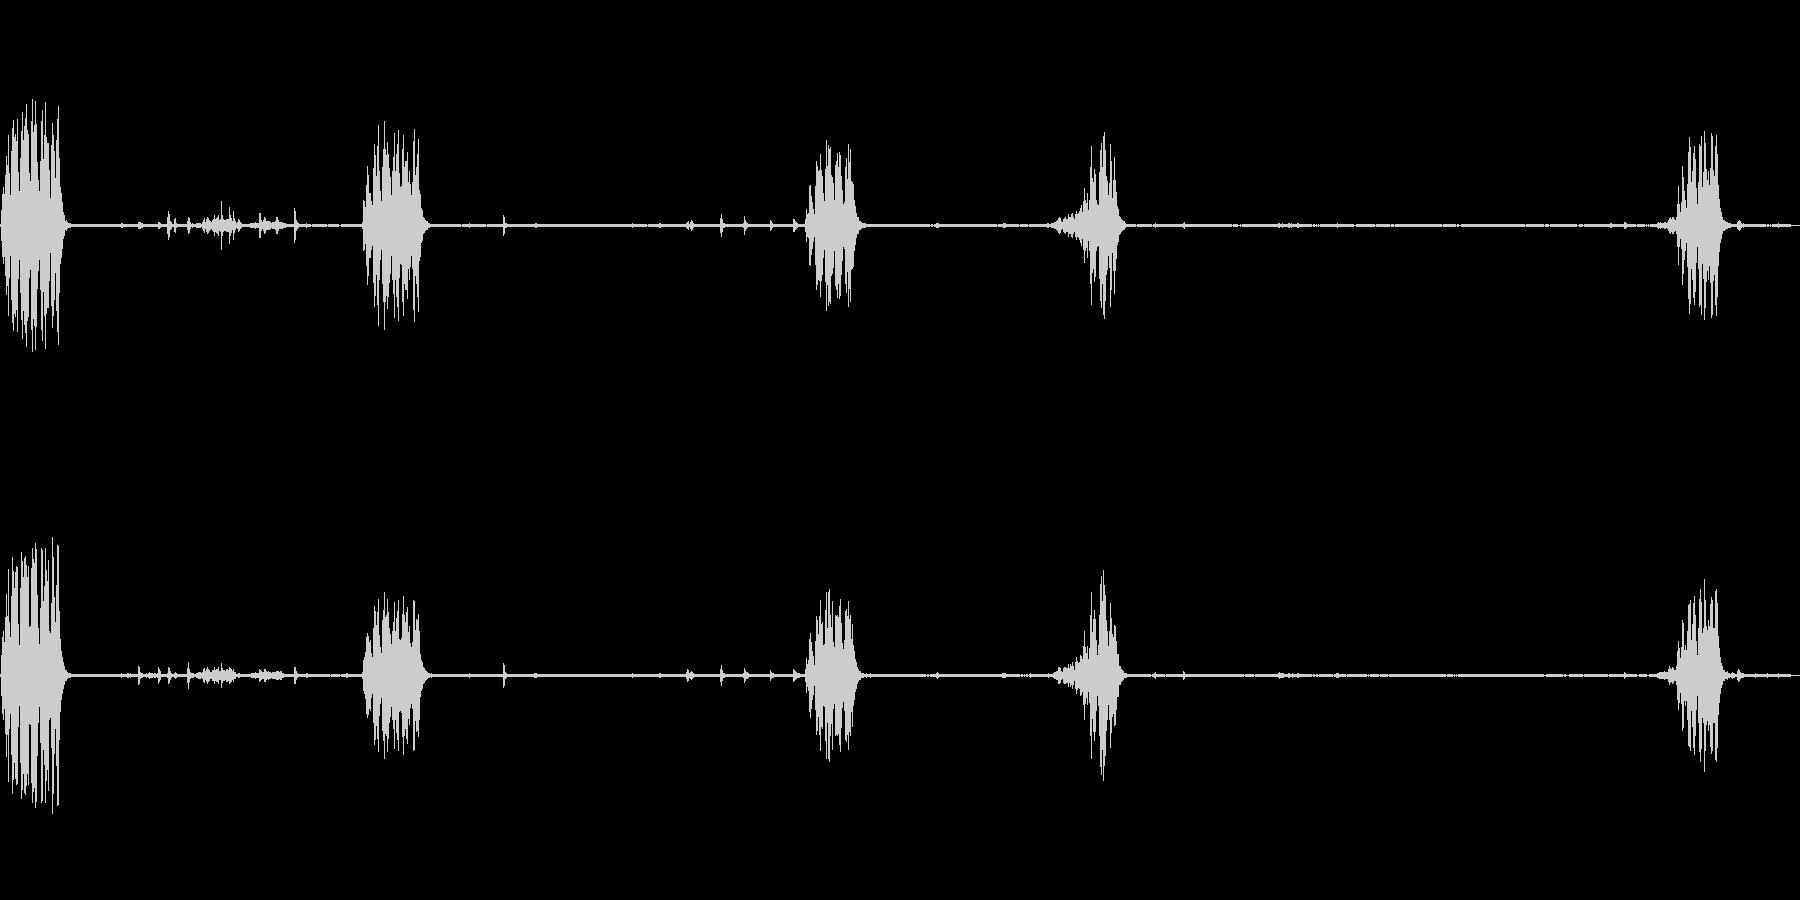 メボソムシクイ 鳥の鳴き声の未再生の波形